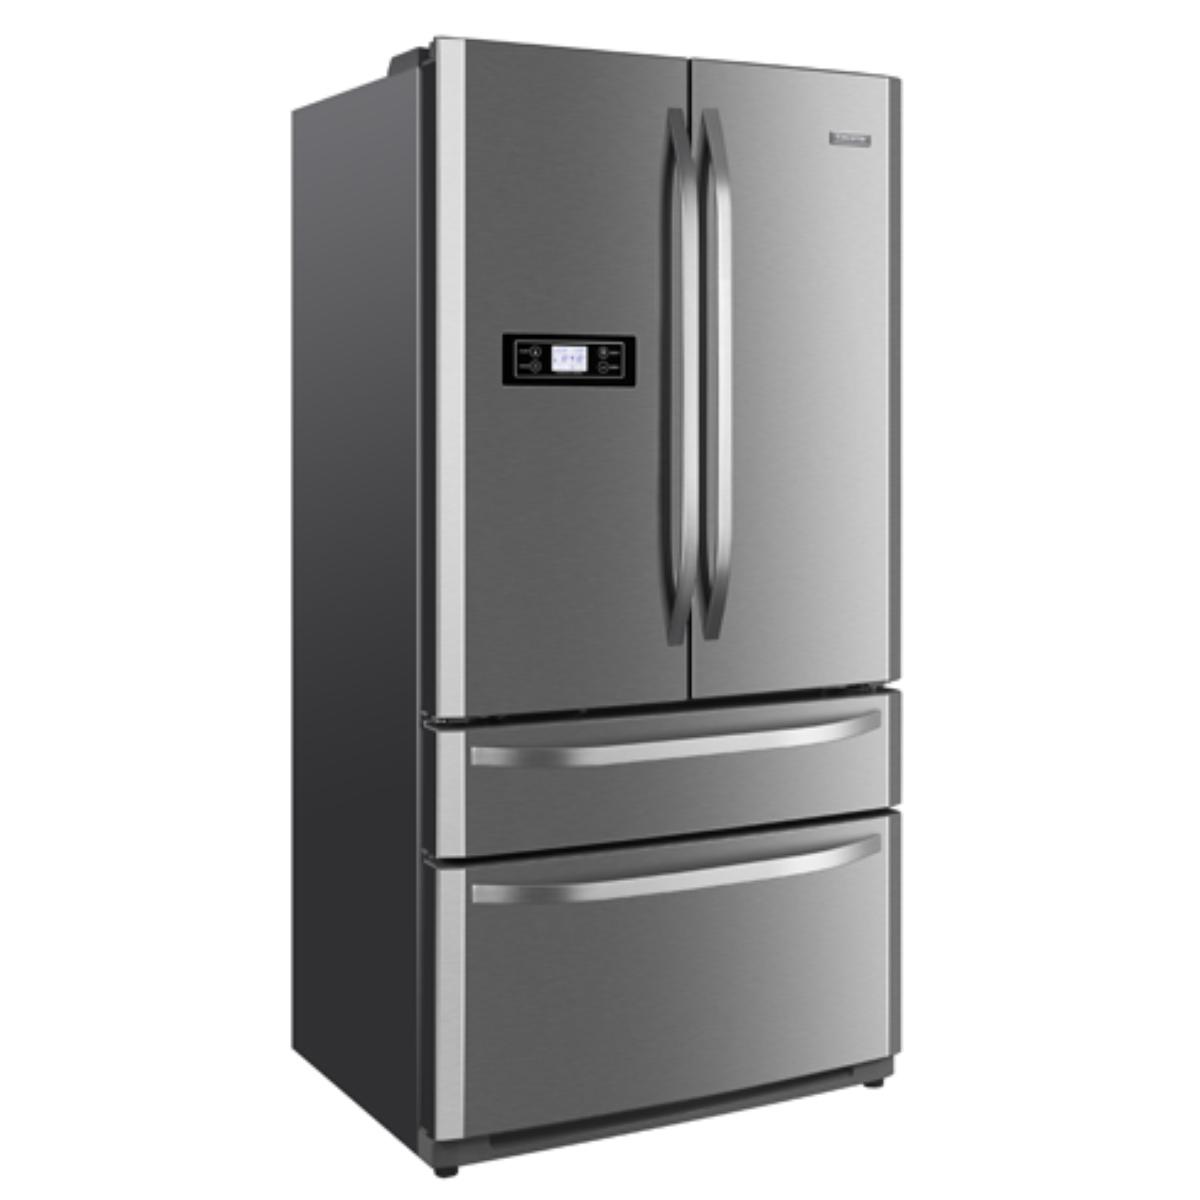 双开门冰箱什么品牌好 双开门冰箱品牌